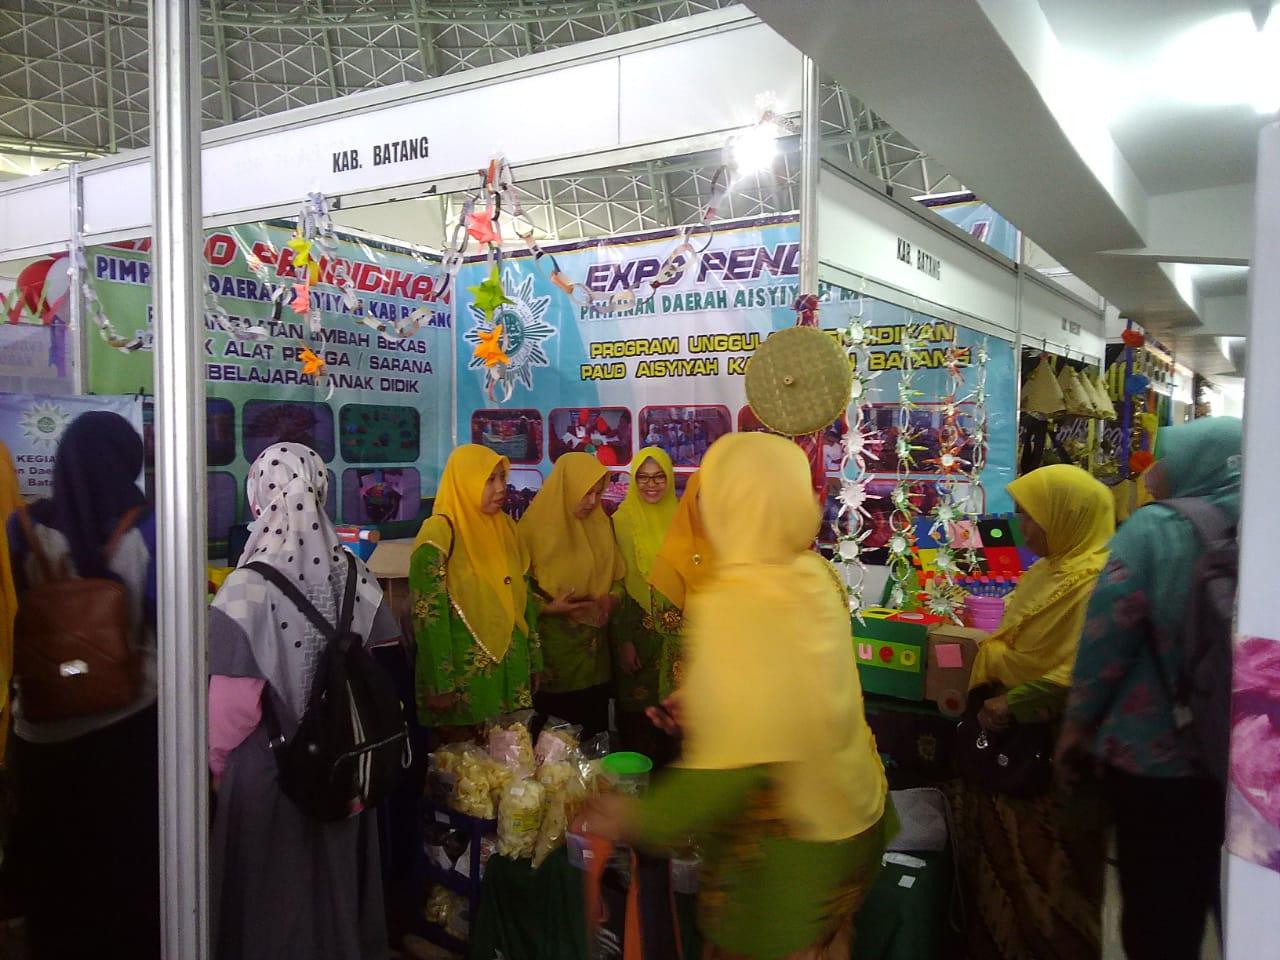 Pada tanggal 13 Oktober 2019 PDA Kab. Batang mengikuti kegiatan Ekspo pendidikan dan Lomba dalam rangka memperingati Milad 1 Abad TK Aisyiyah dan 102 Tahun 'Aisyiyah di UNIMUS Semarang